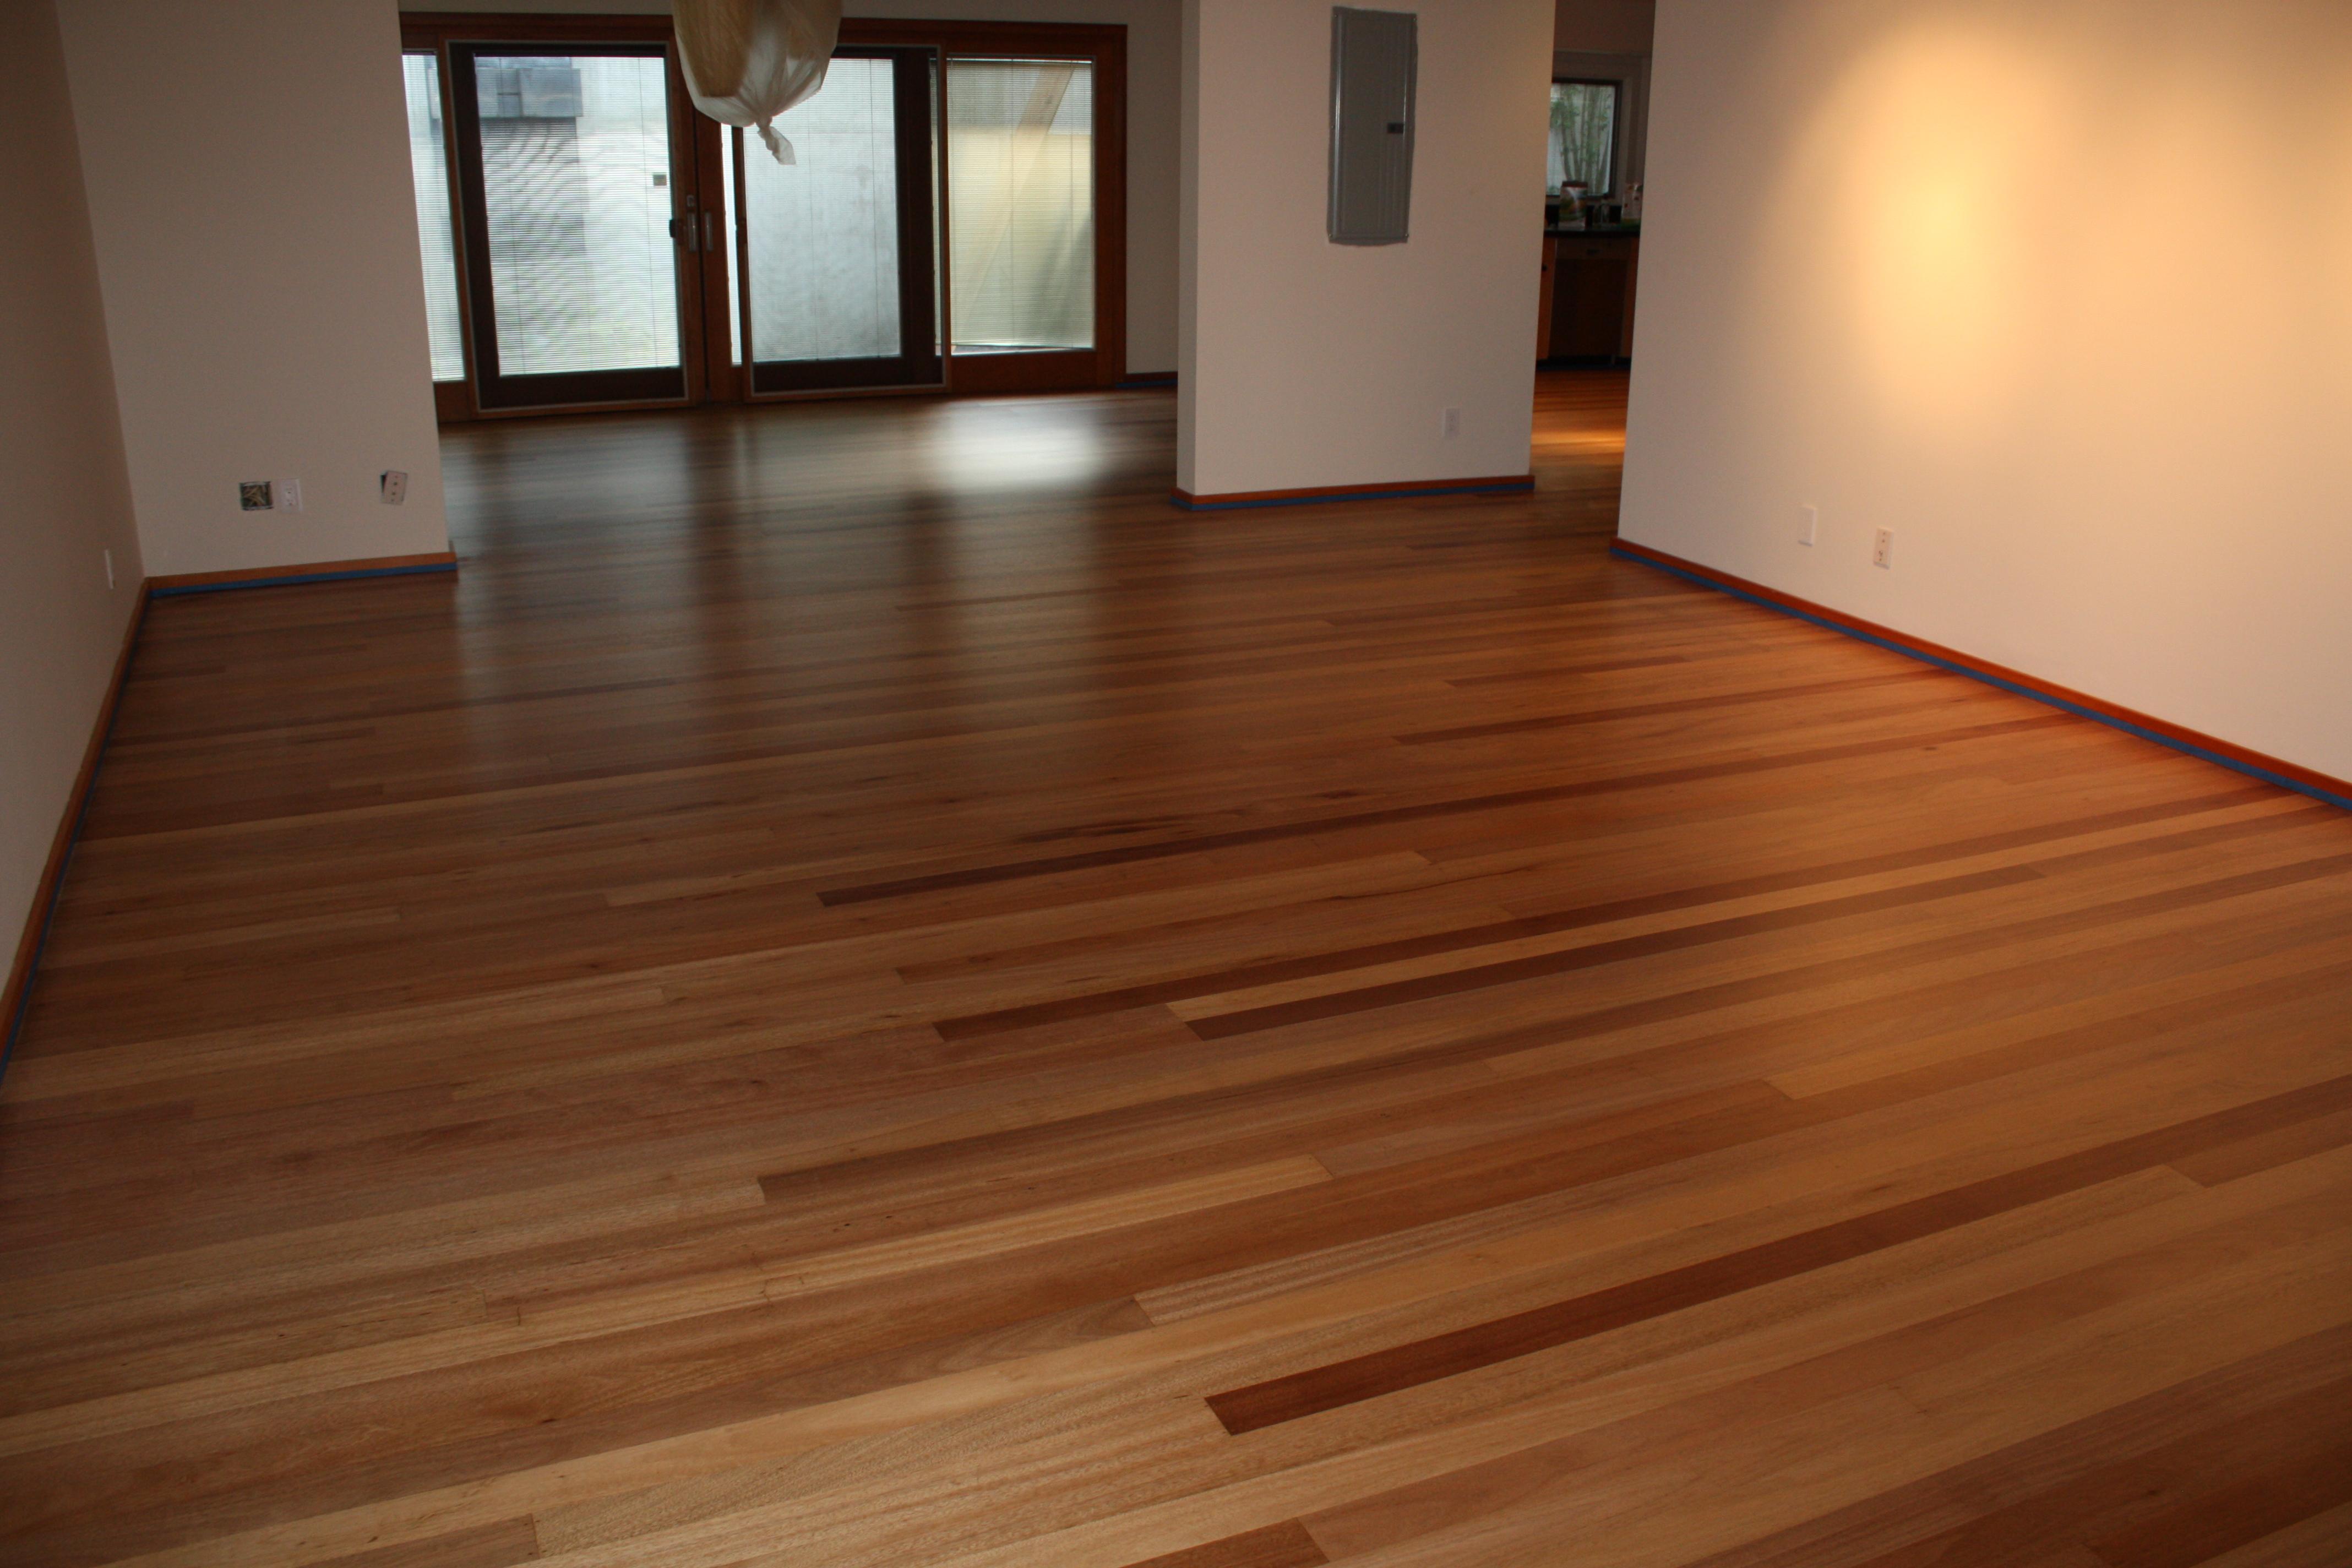 Sharp Wood Floors image 2